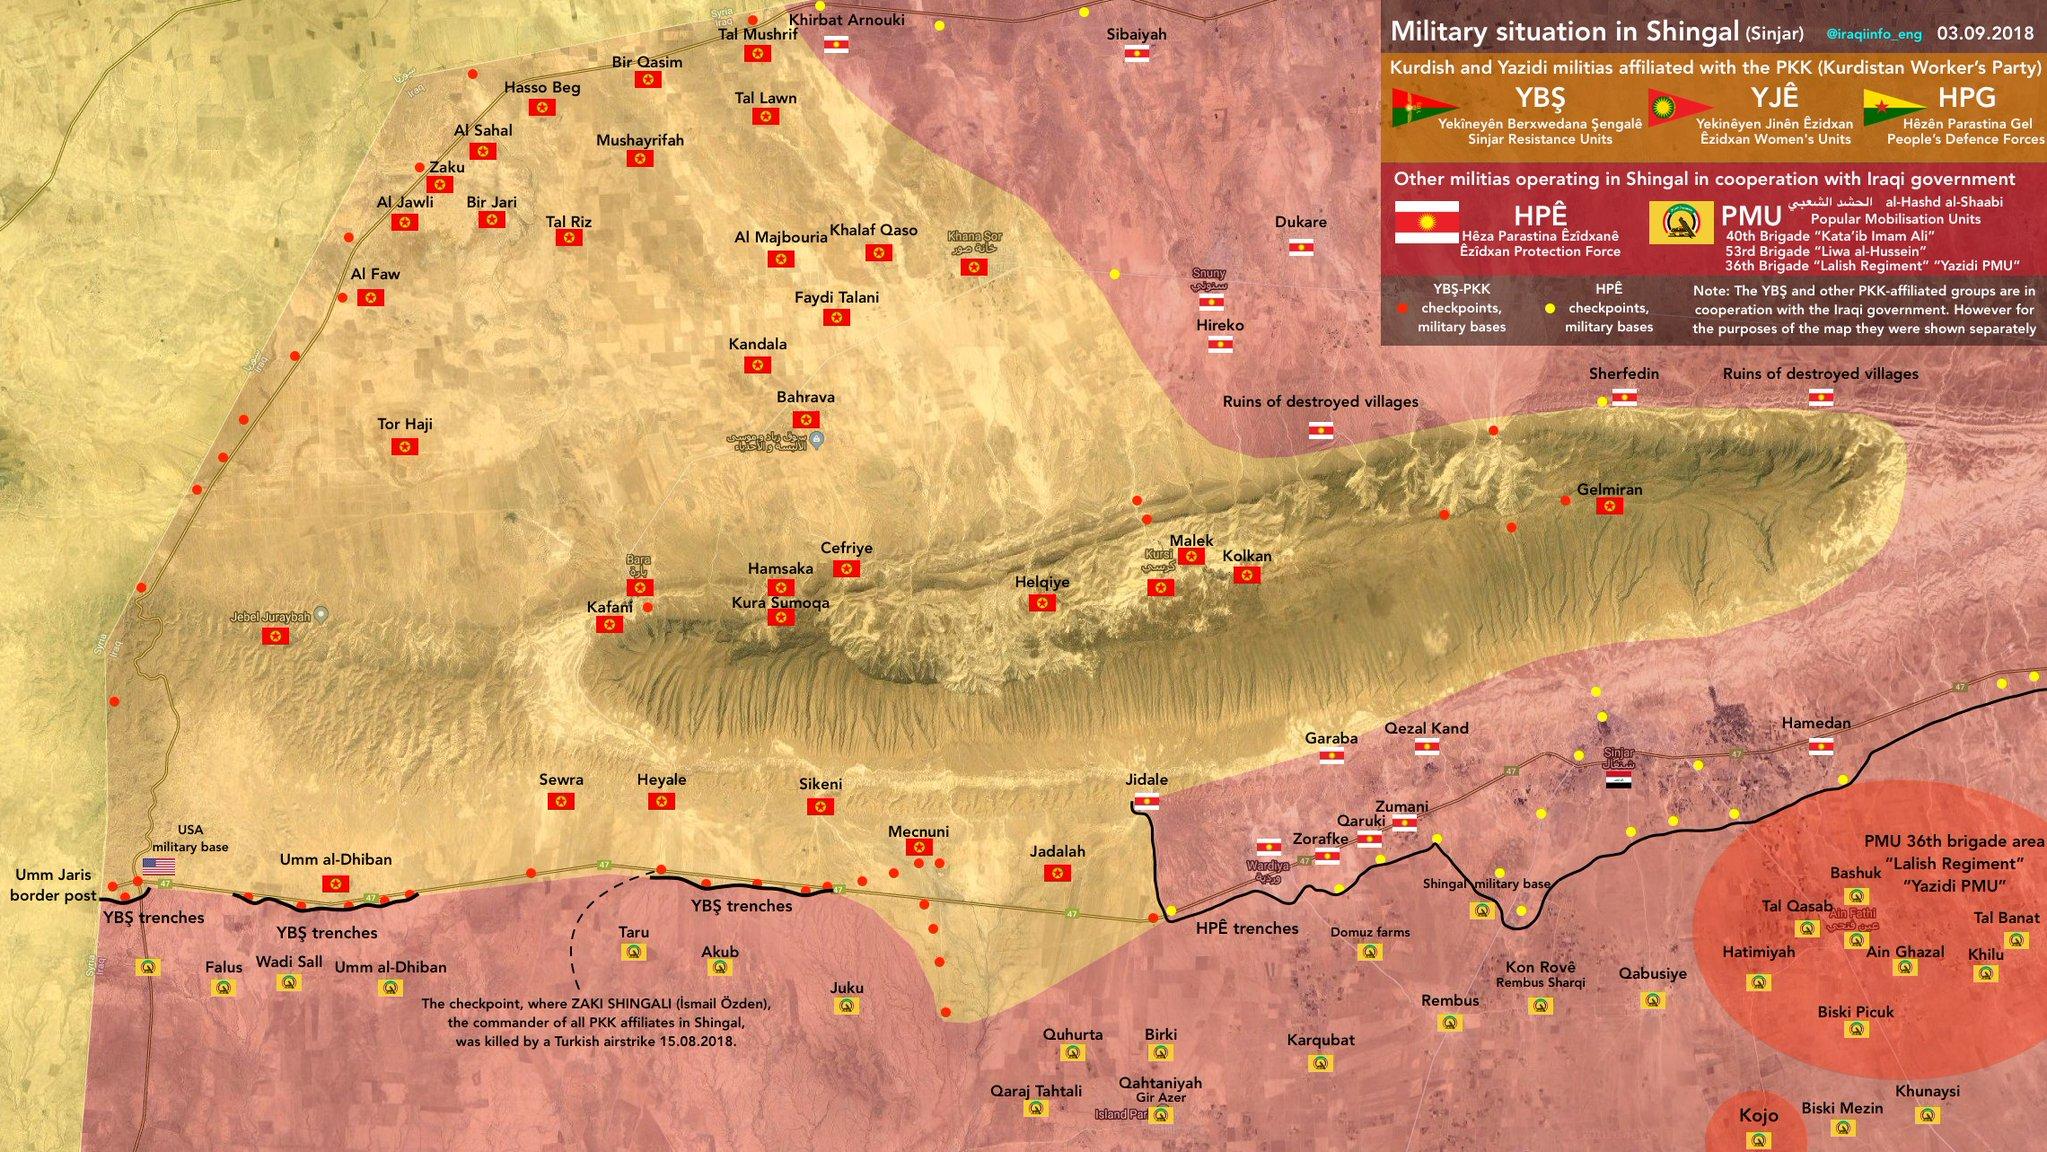 Vojenská situace v iráckém Sindžáru